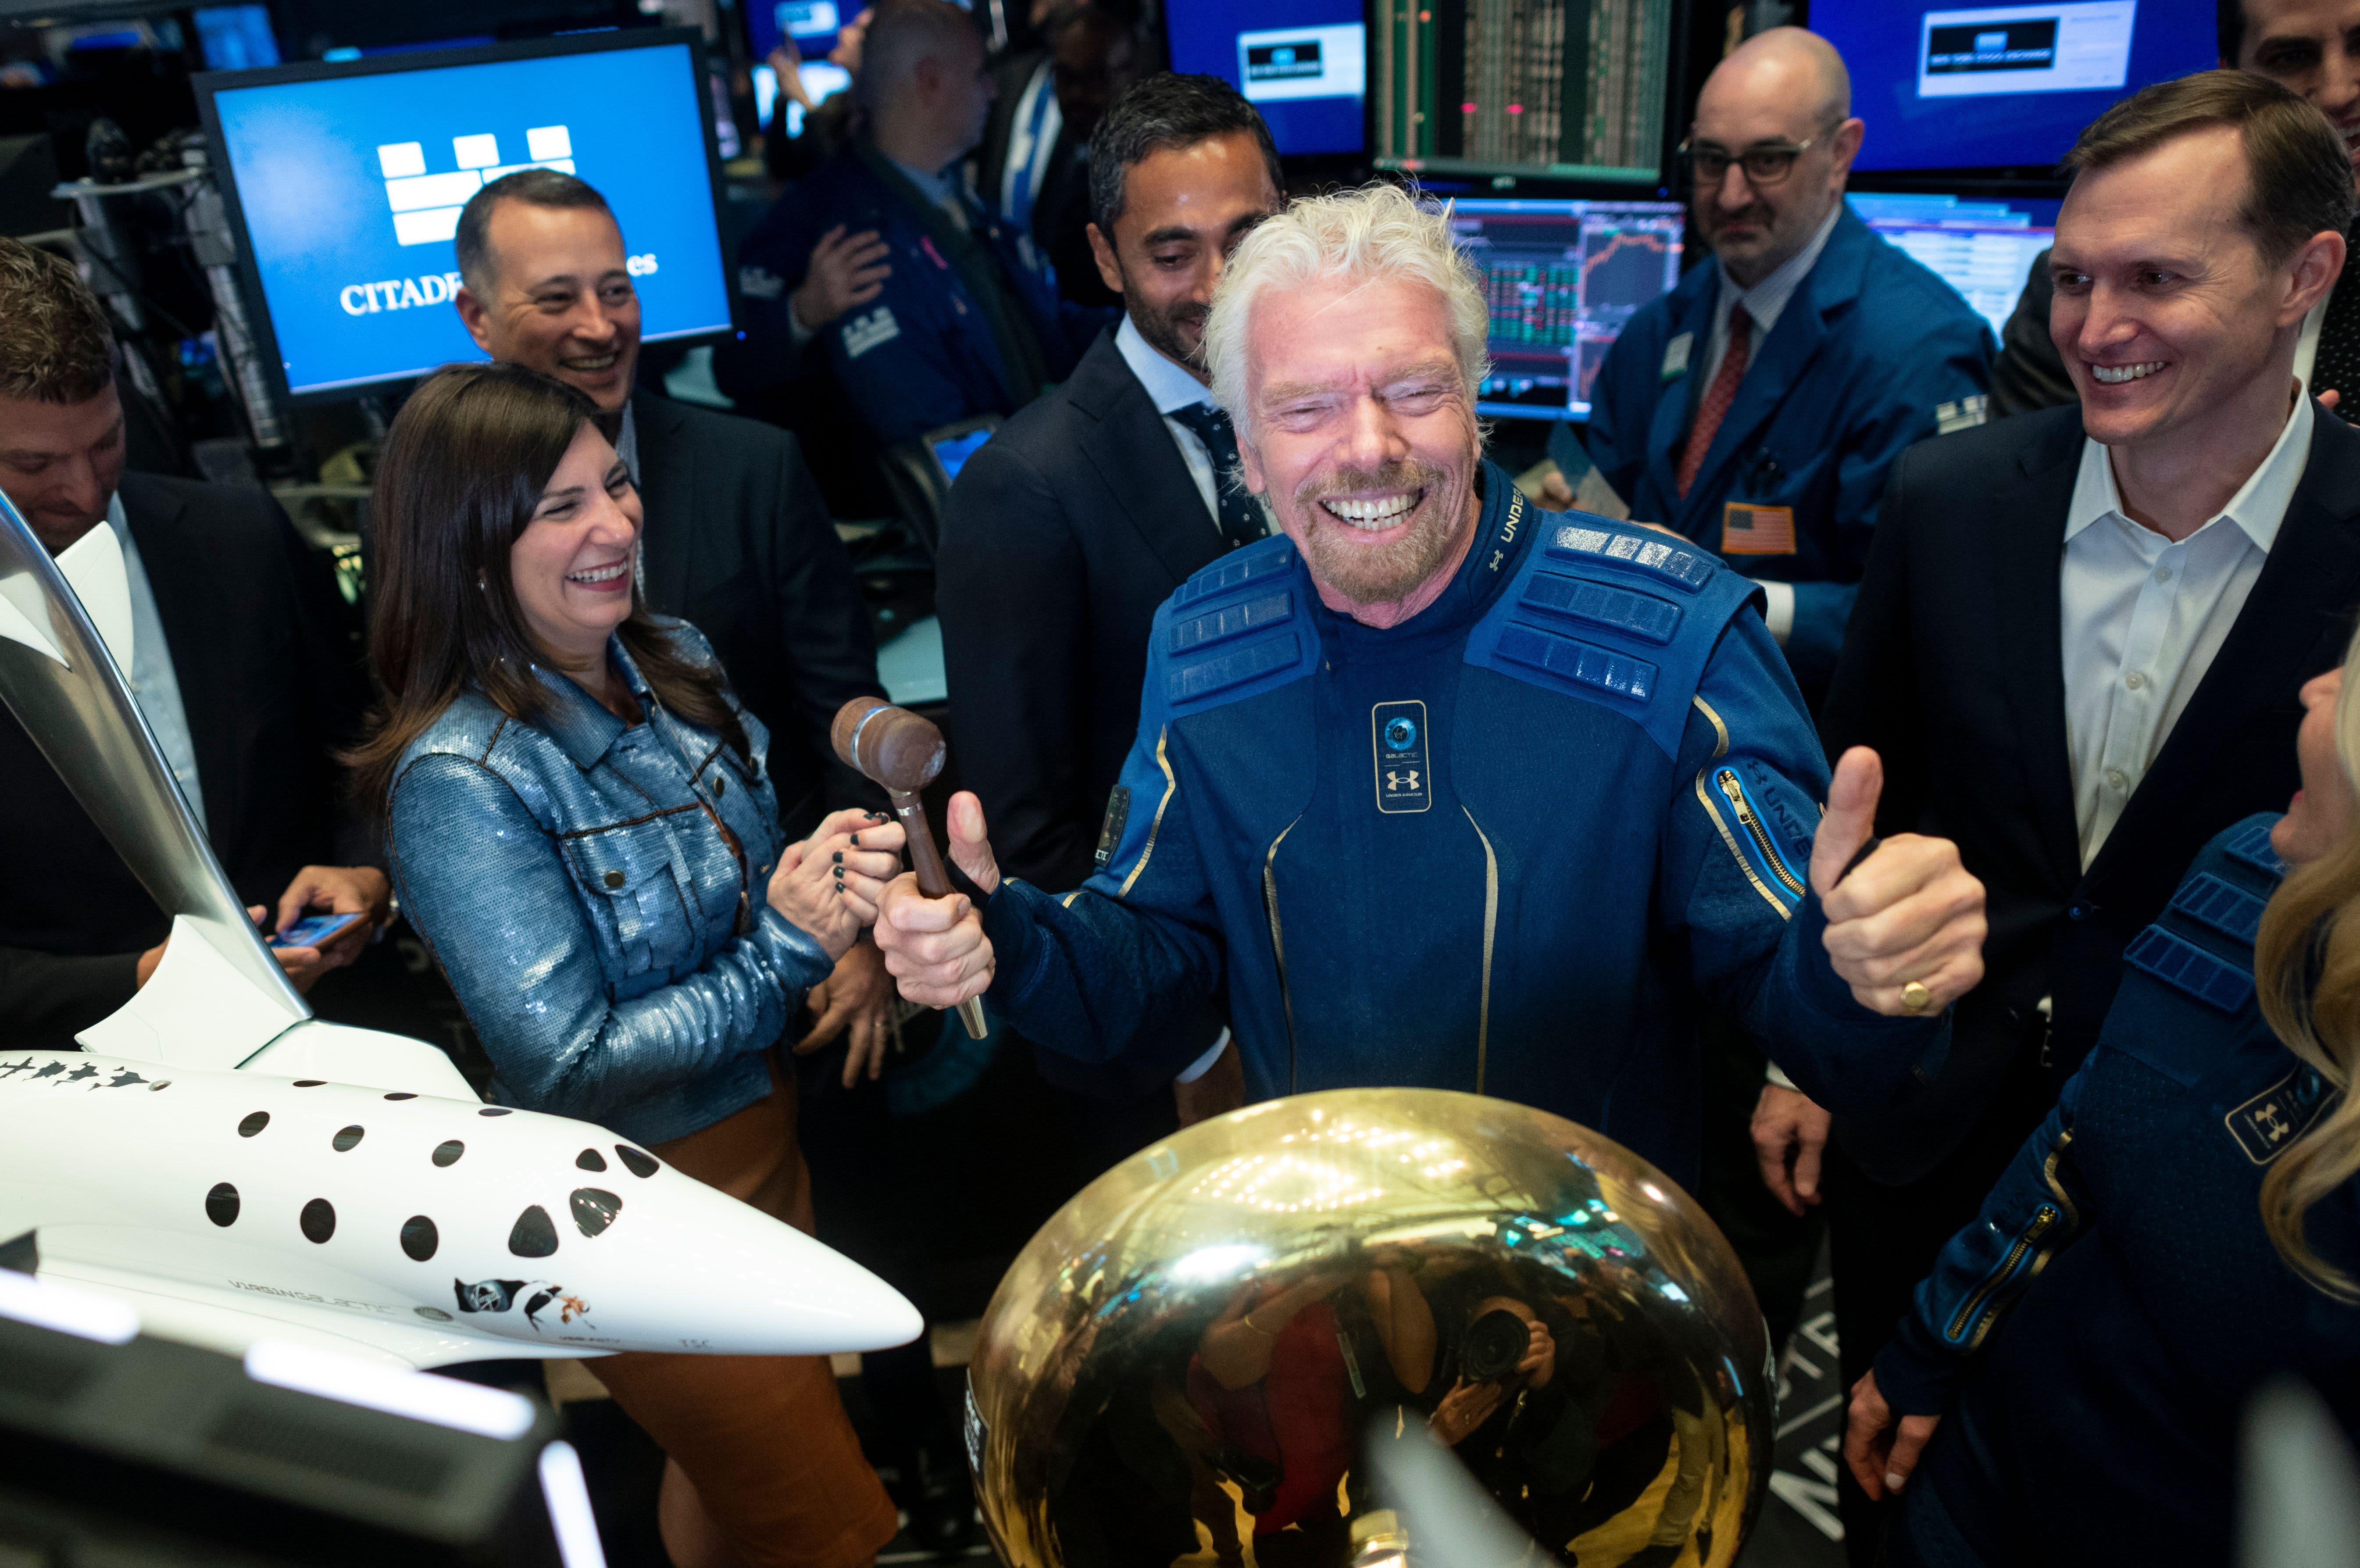 Richard Branson sells over $150 million in Virgin Galactic stock